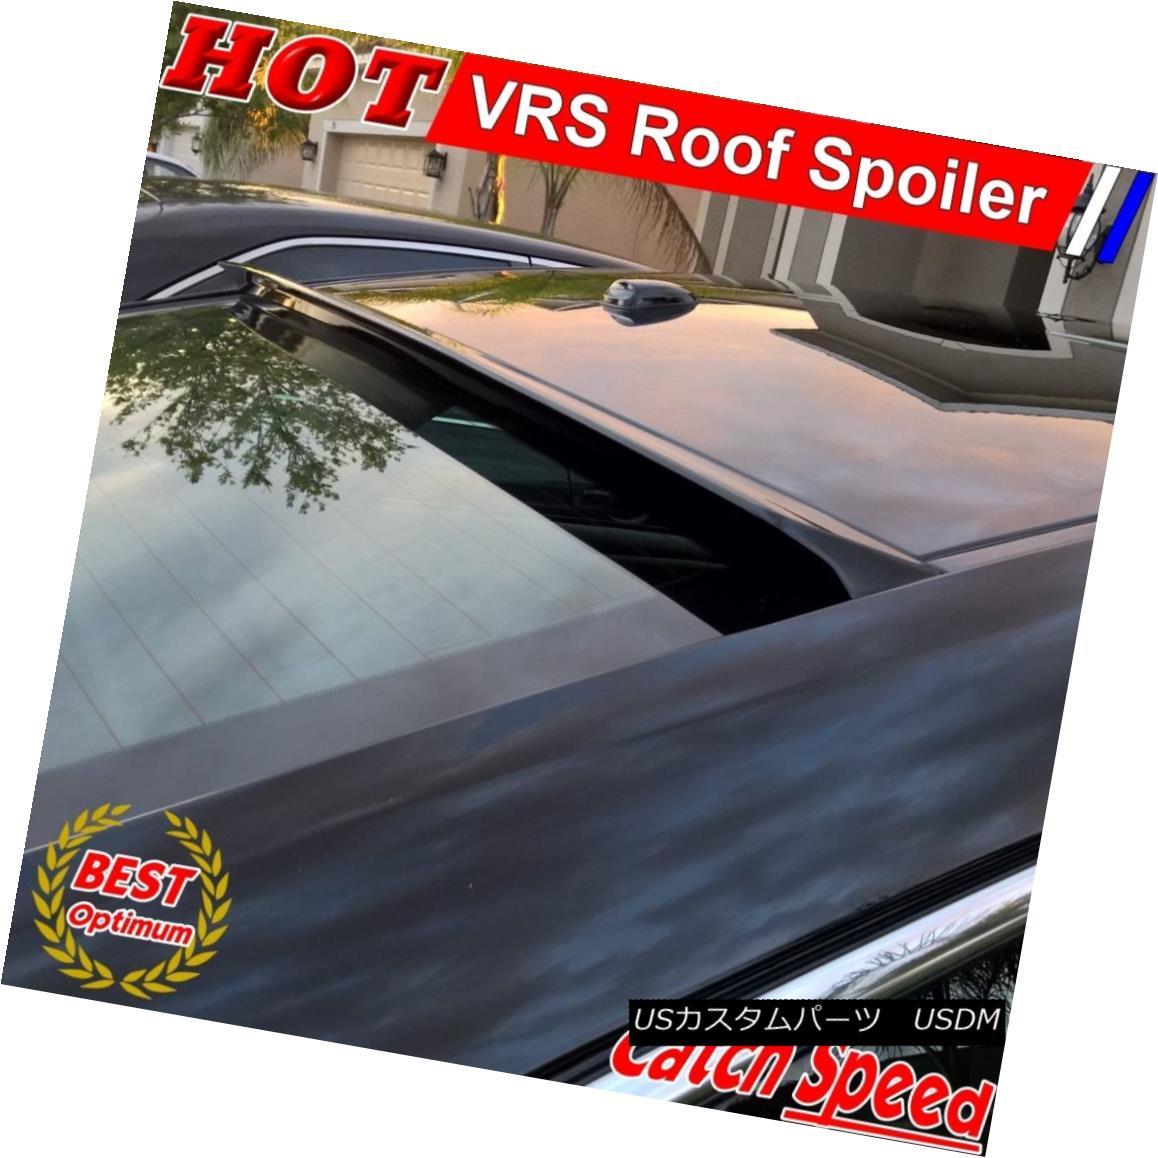 エアロパーツ Painted VRS Type Rear Roof Spoiler Wing For Buick LaCROSSE 2th Sedan 2010-2013 ビュイックラクロスセカンド2010年 - 2010年のVRSタイプのリアルーフスポイラーウイングを塗装